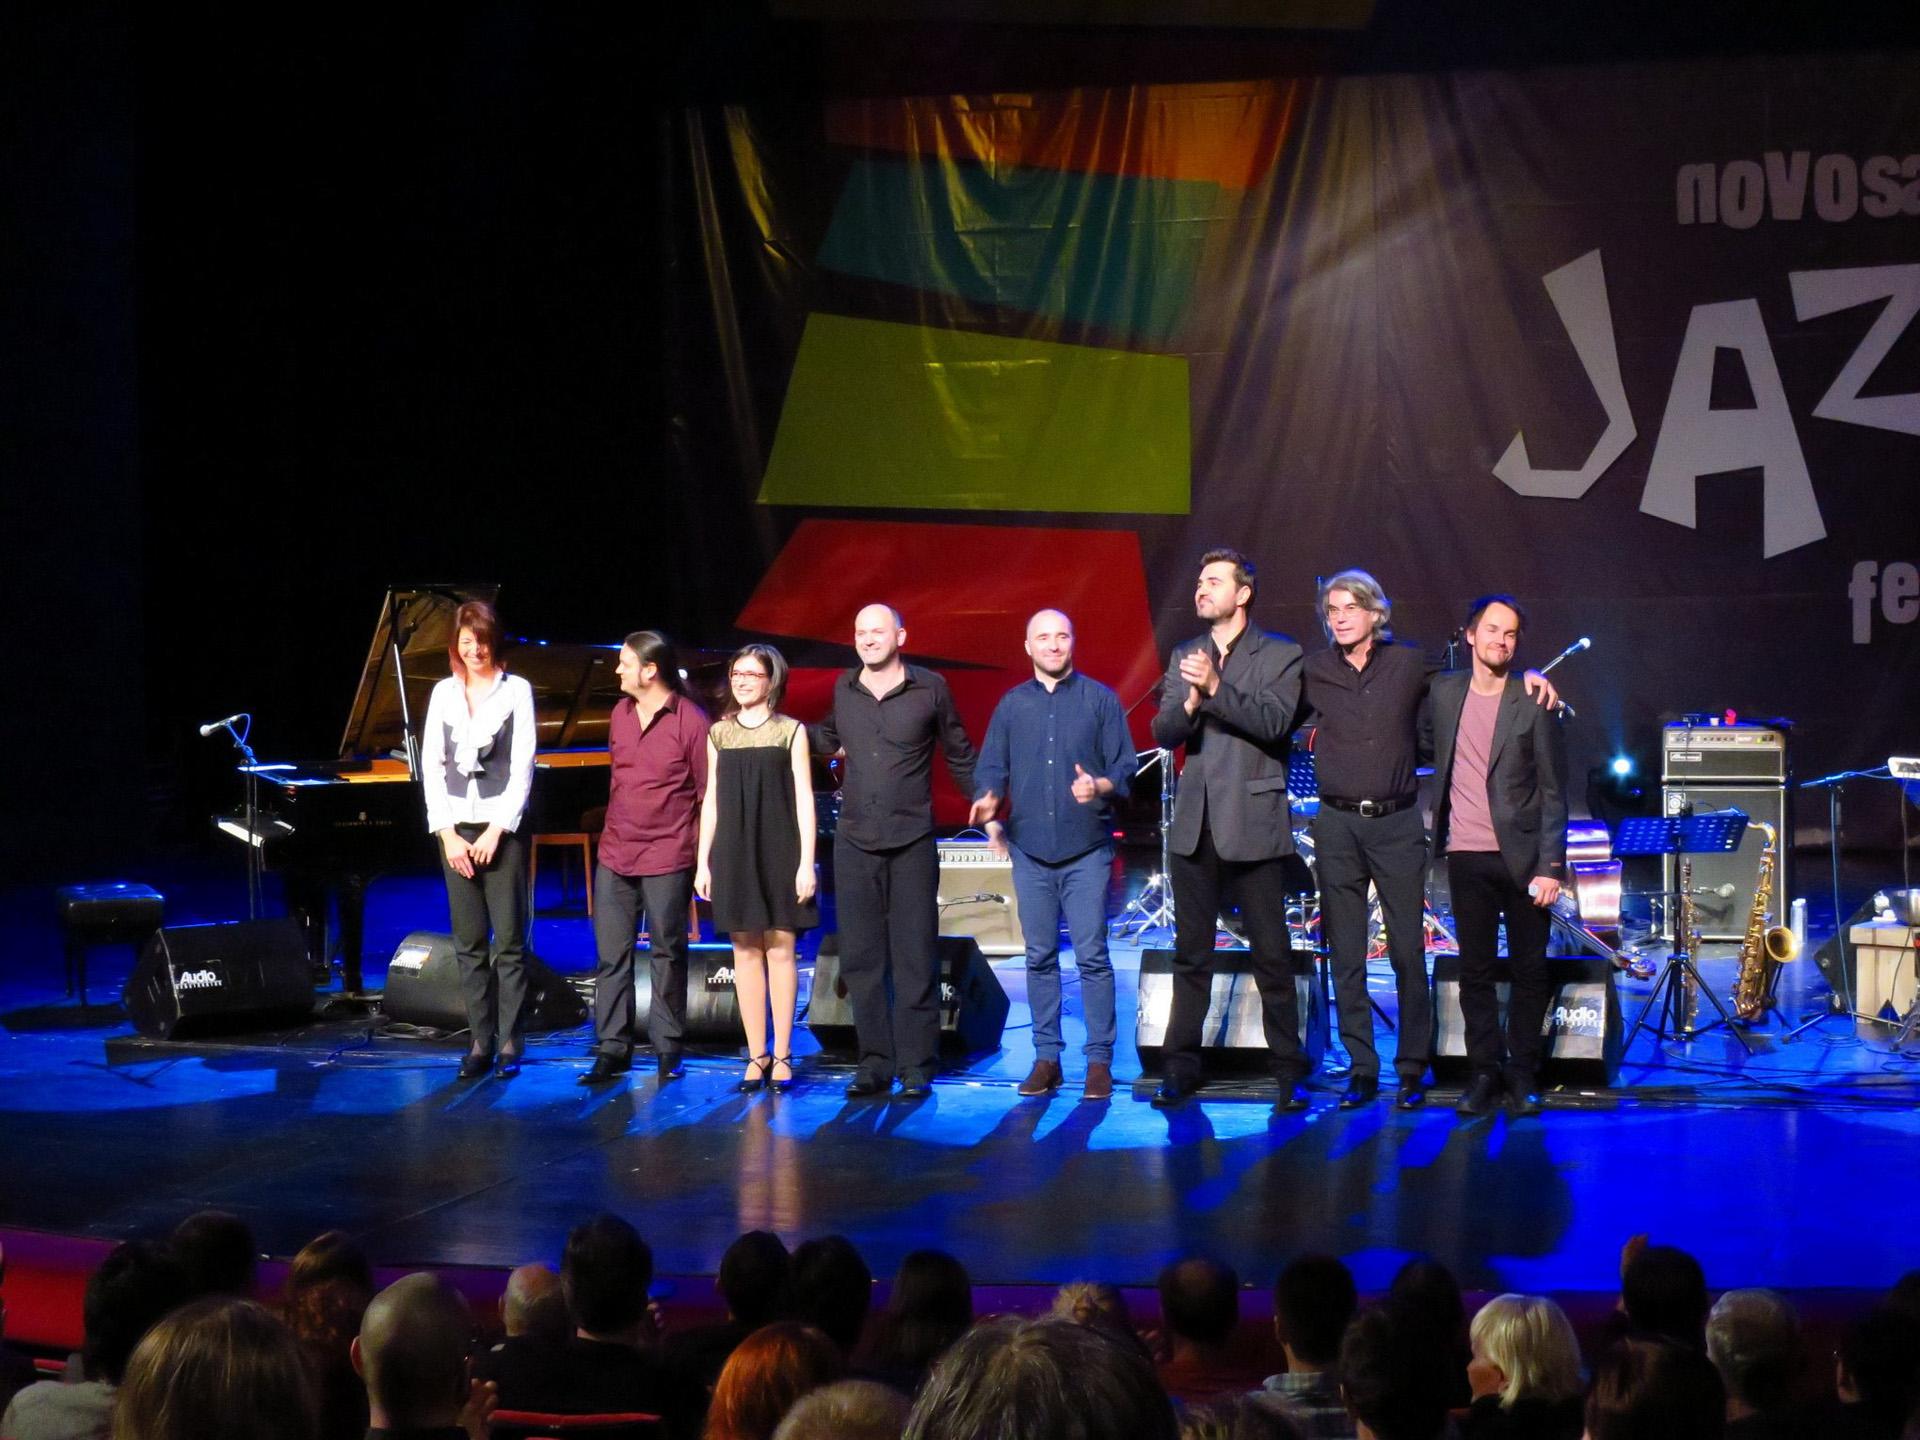 Novosadski jazz festival, 2014.